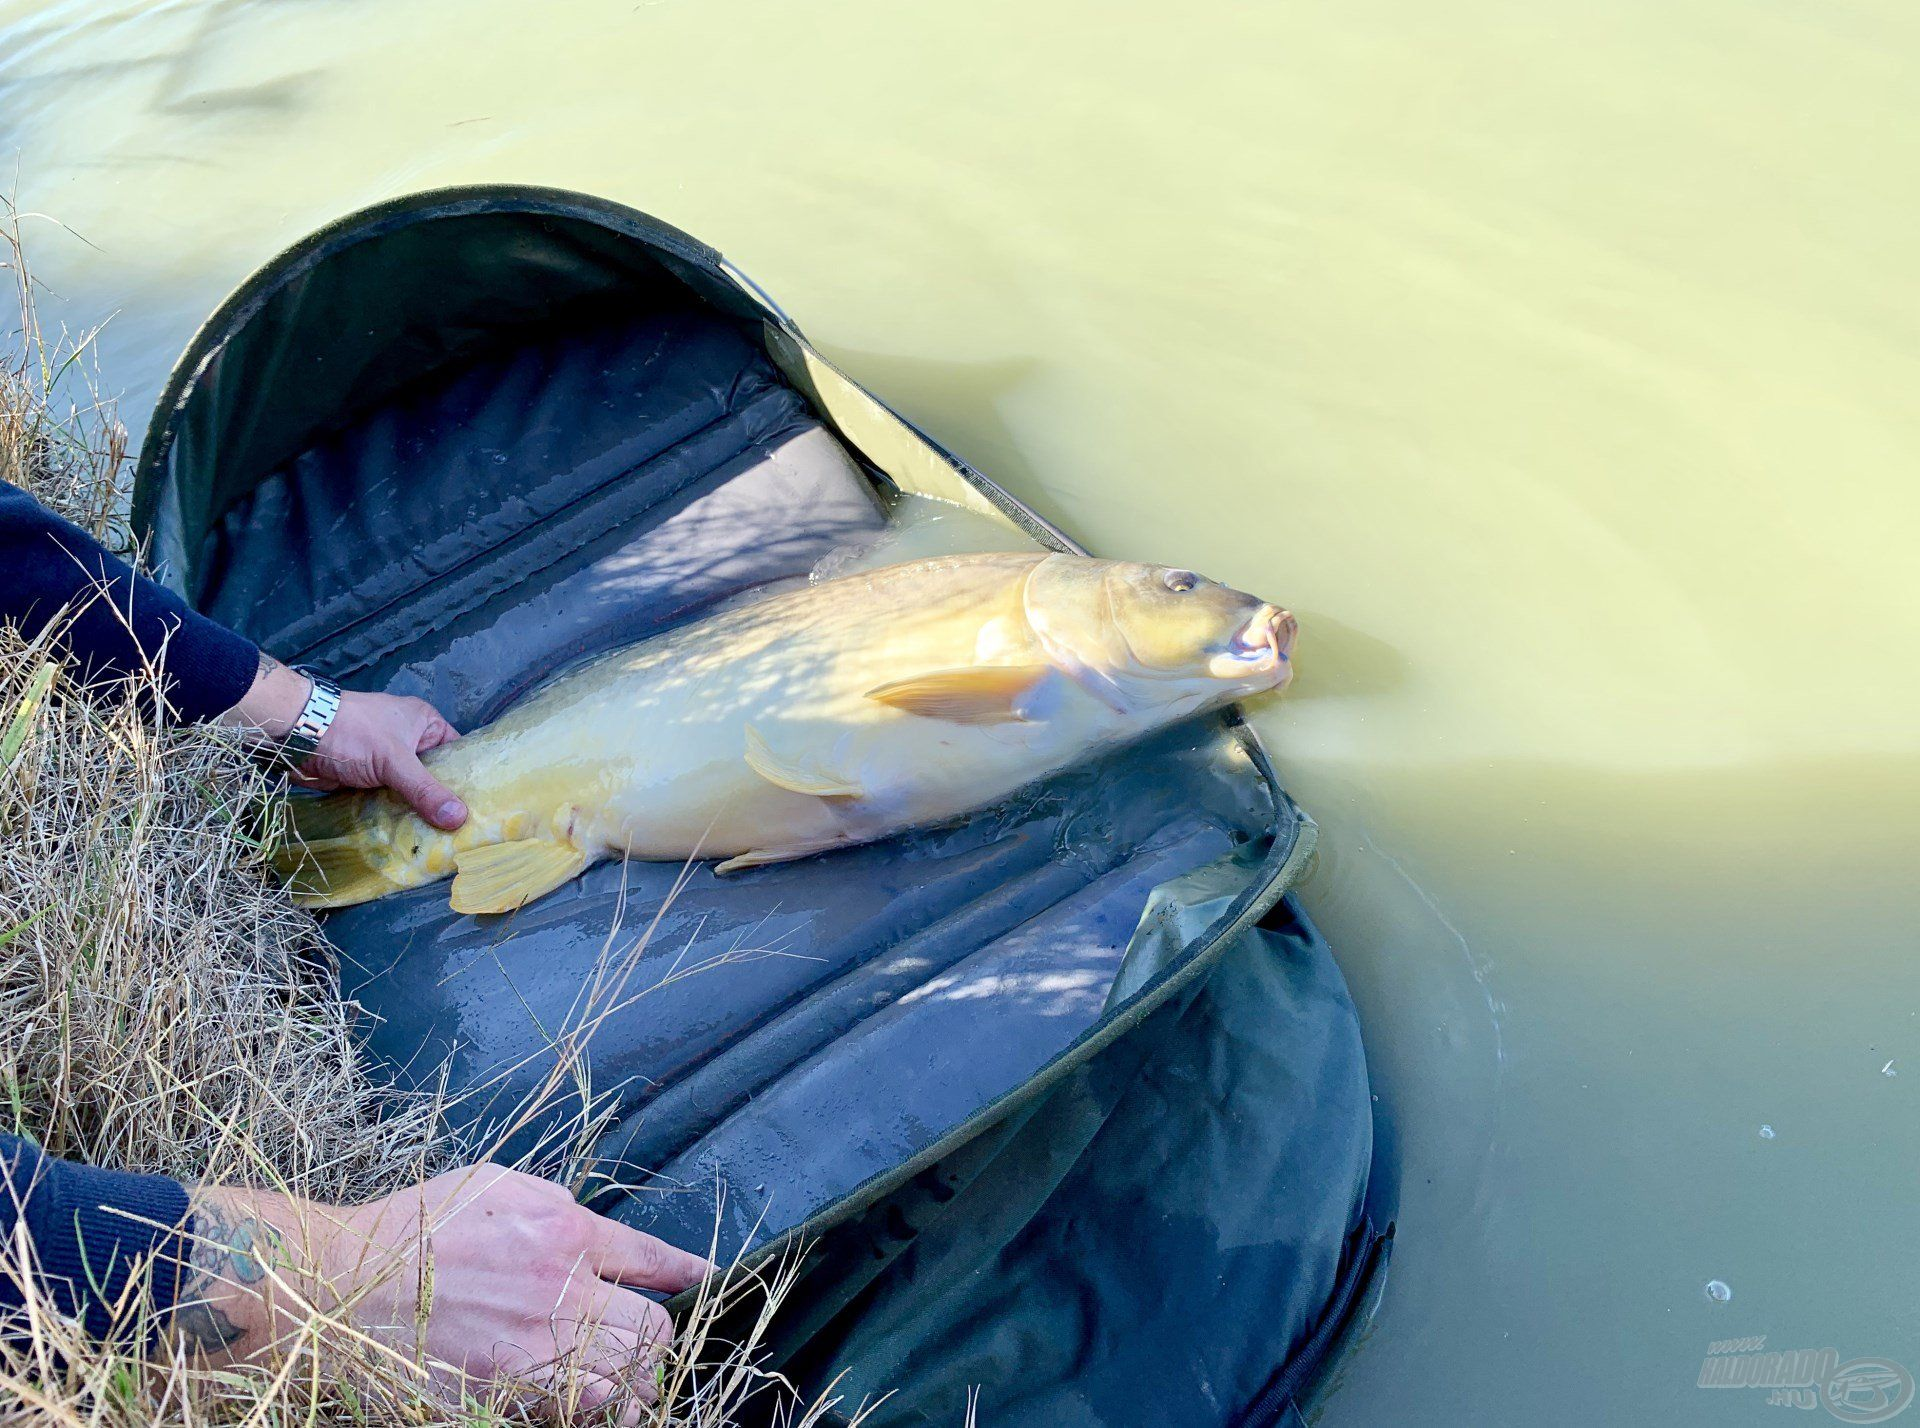 Sok horgásznak fog még örömet okozni